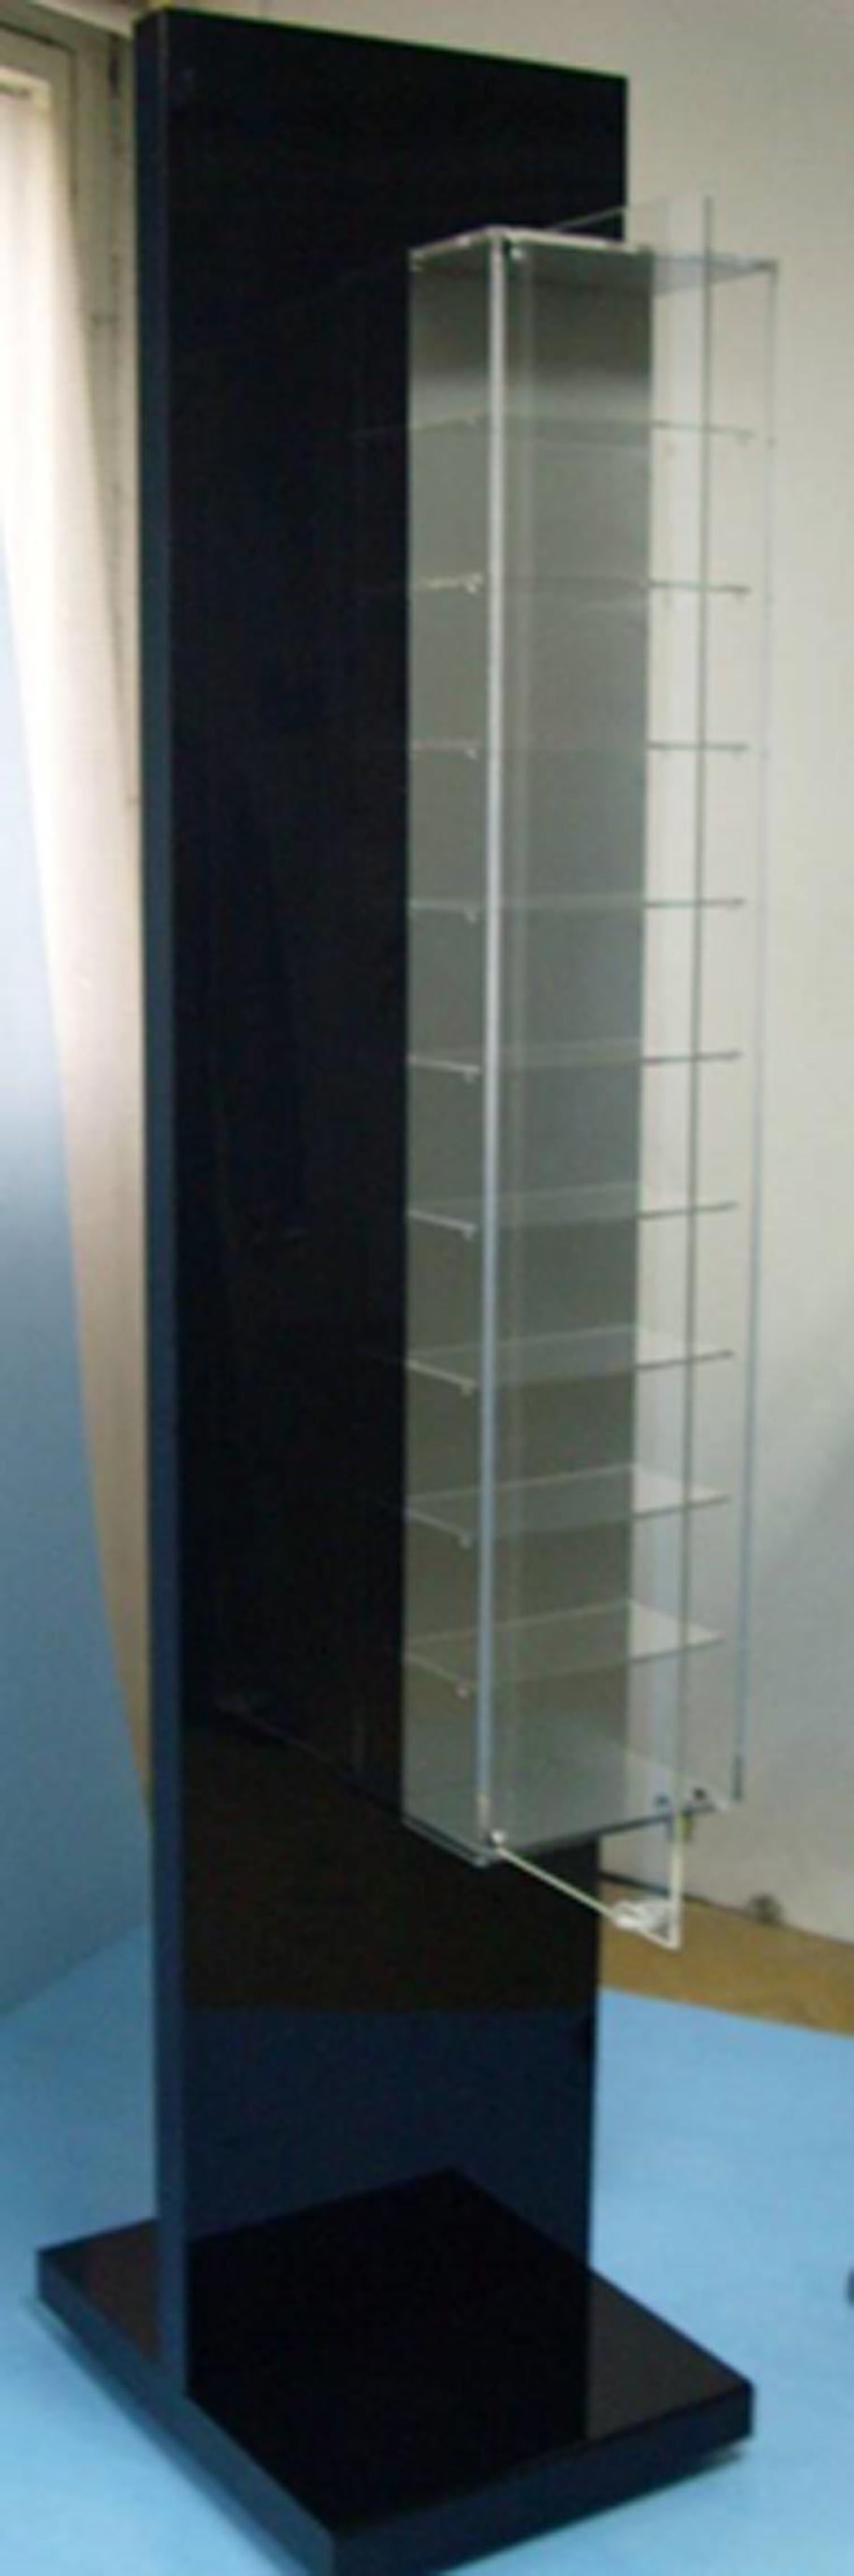 Sistem display 2